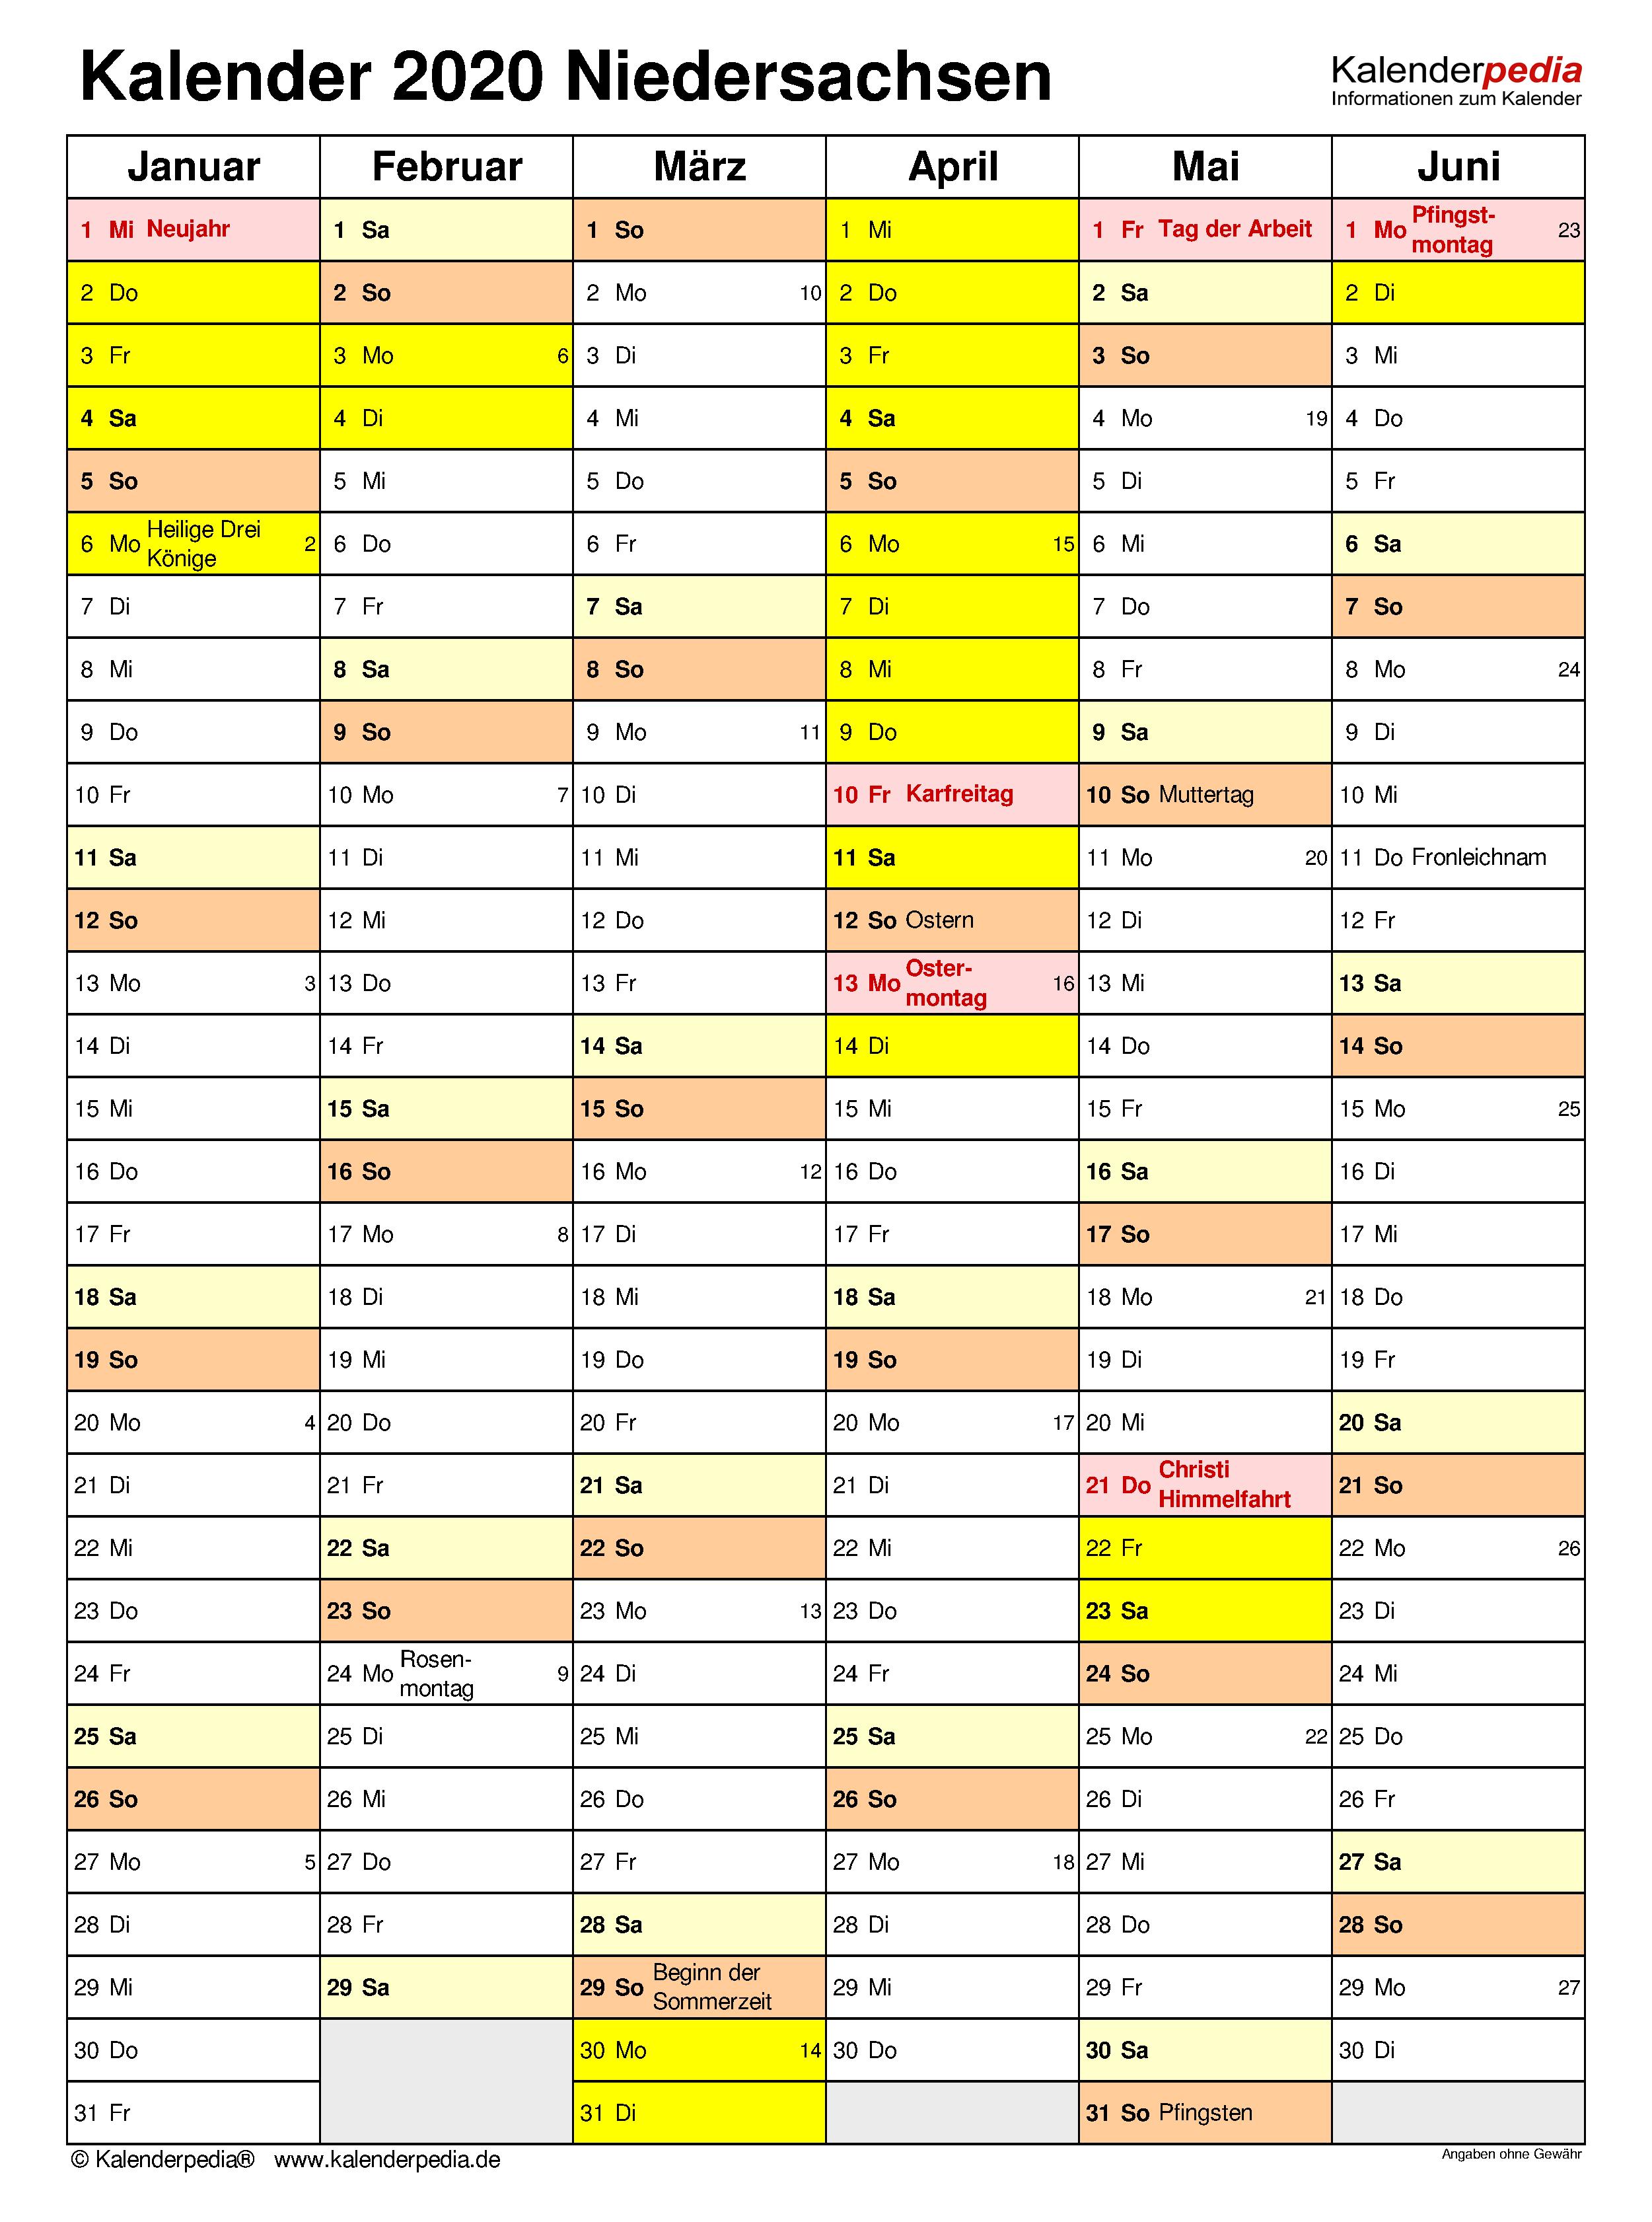 Kalender 2020 Niedersachsen Ferien Feiertage Pdf Vorlagen